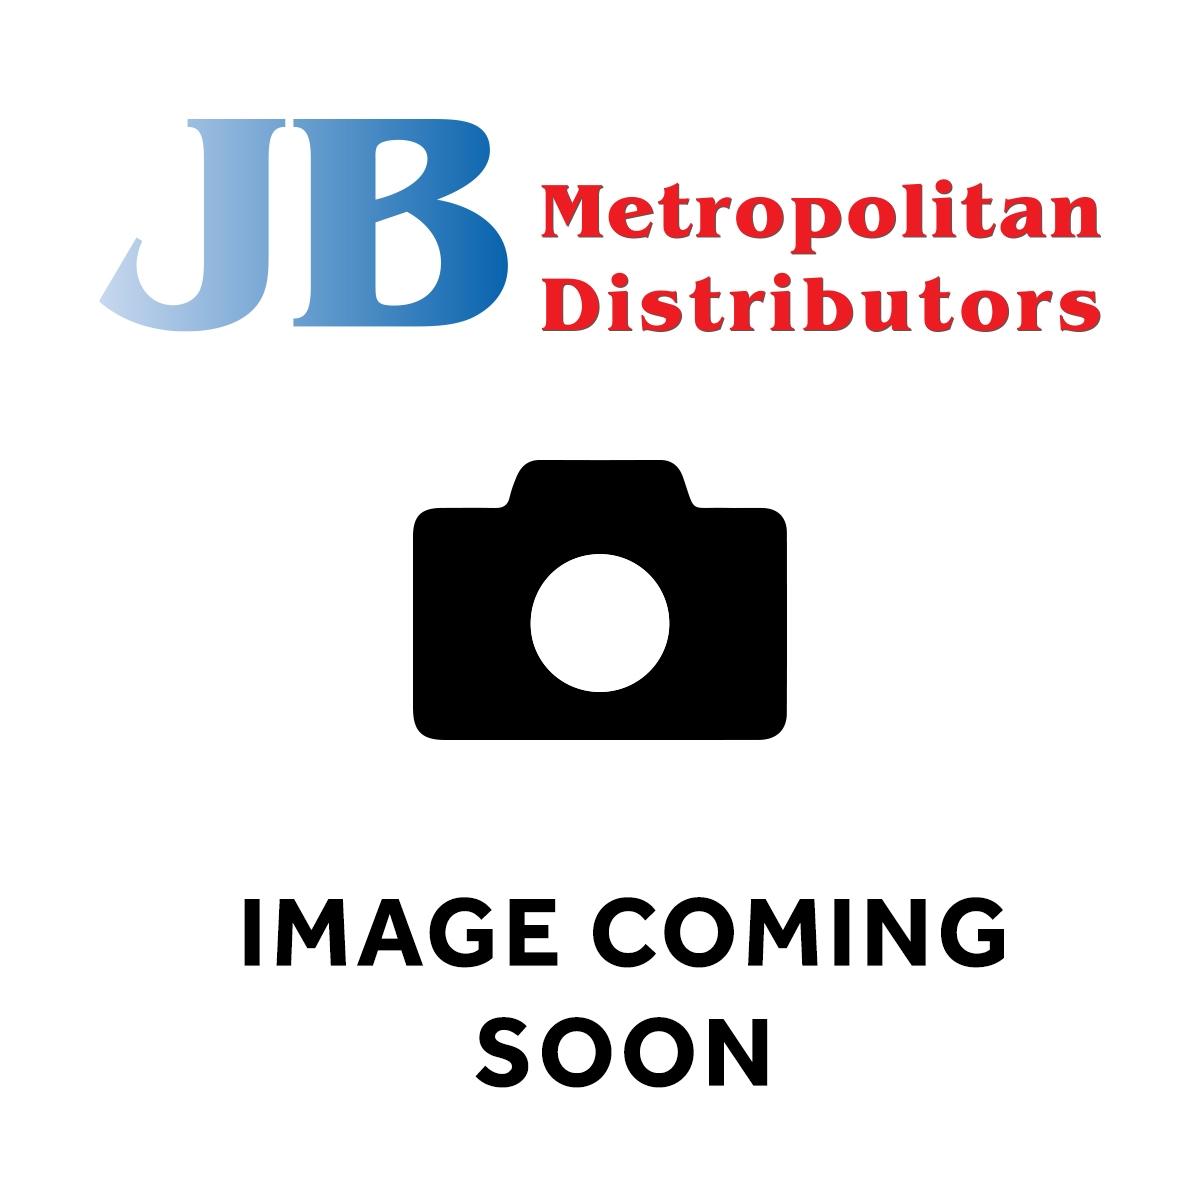 40Z AURORA PAPER CUP BLACK